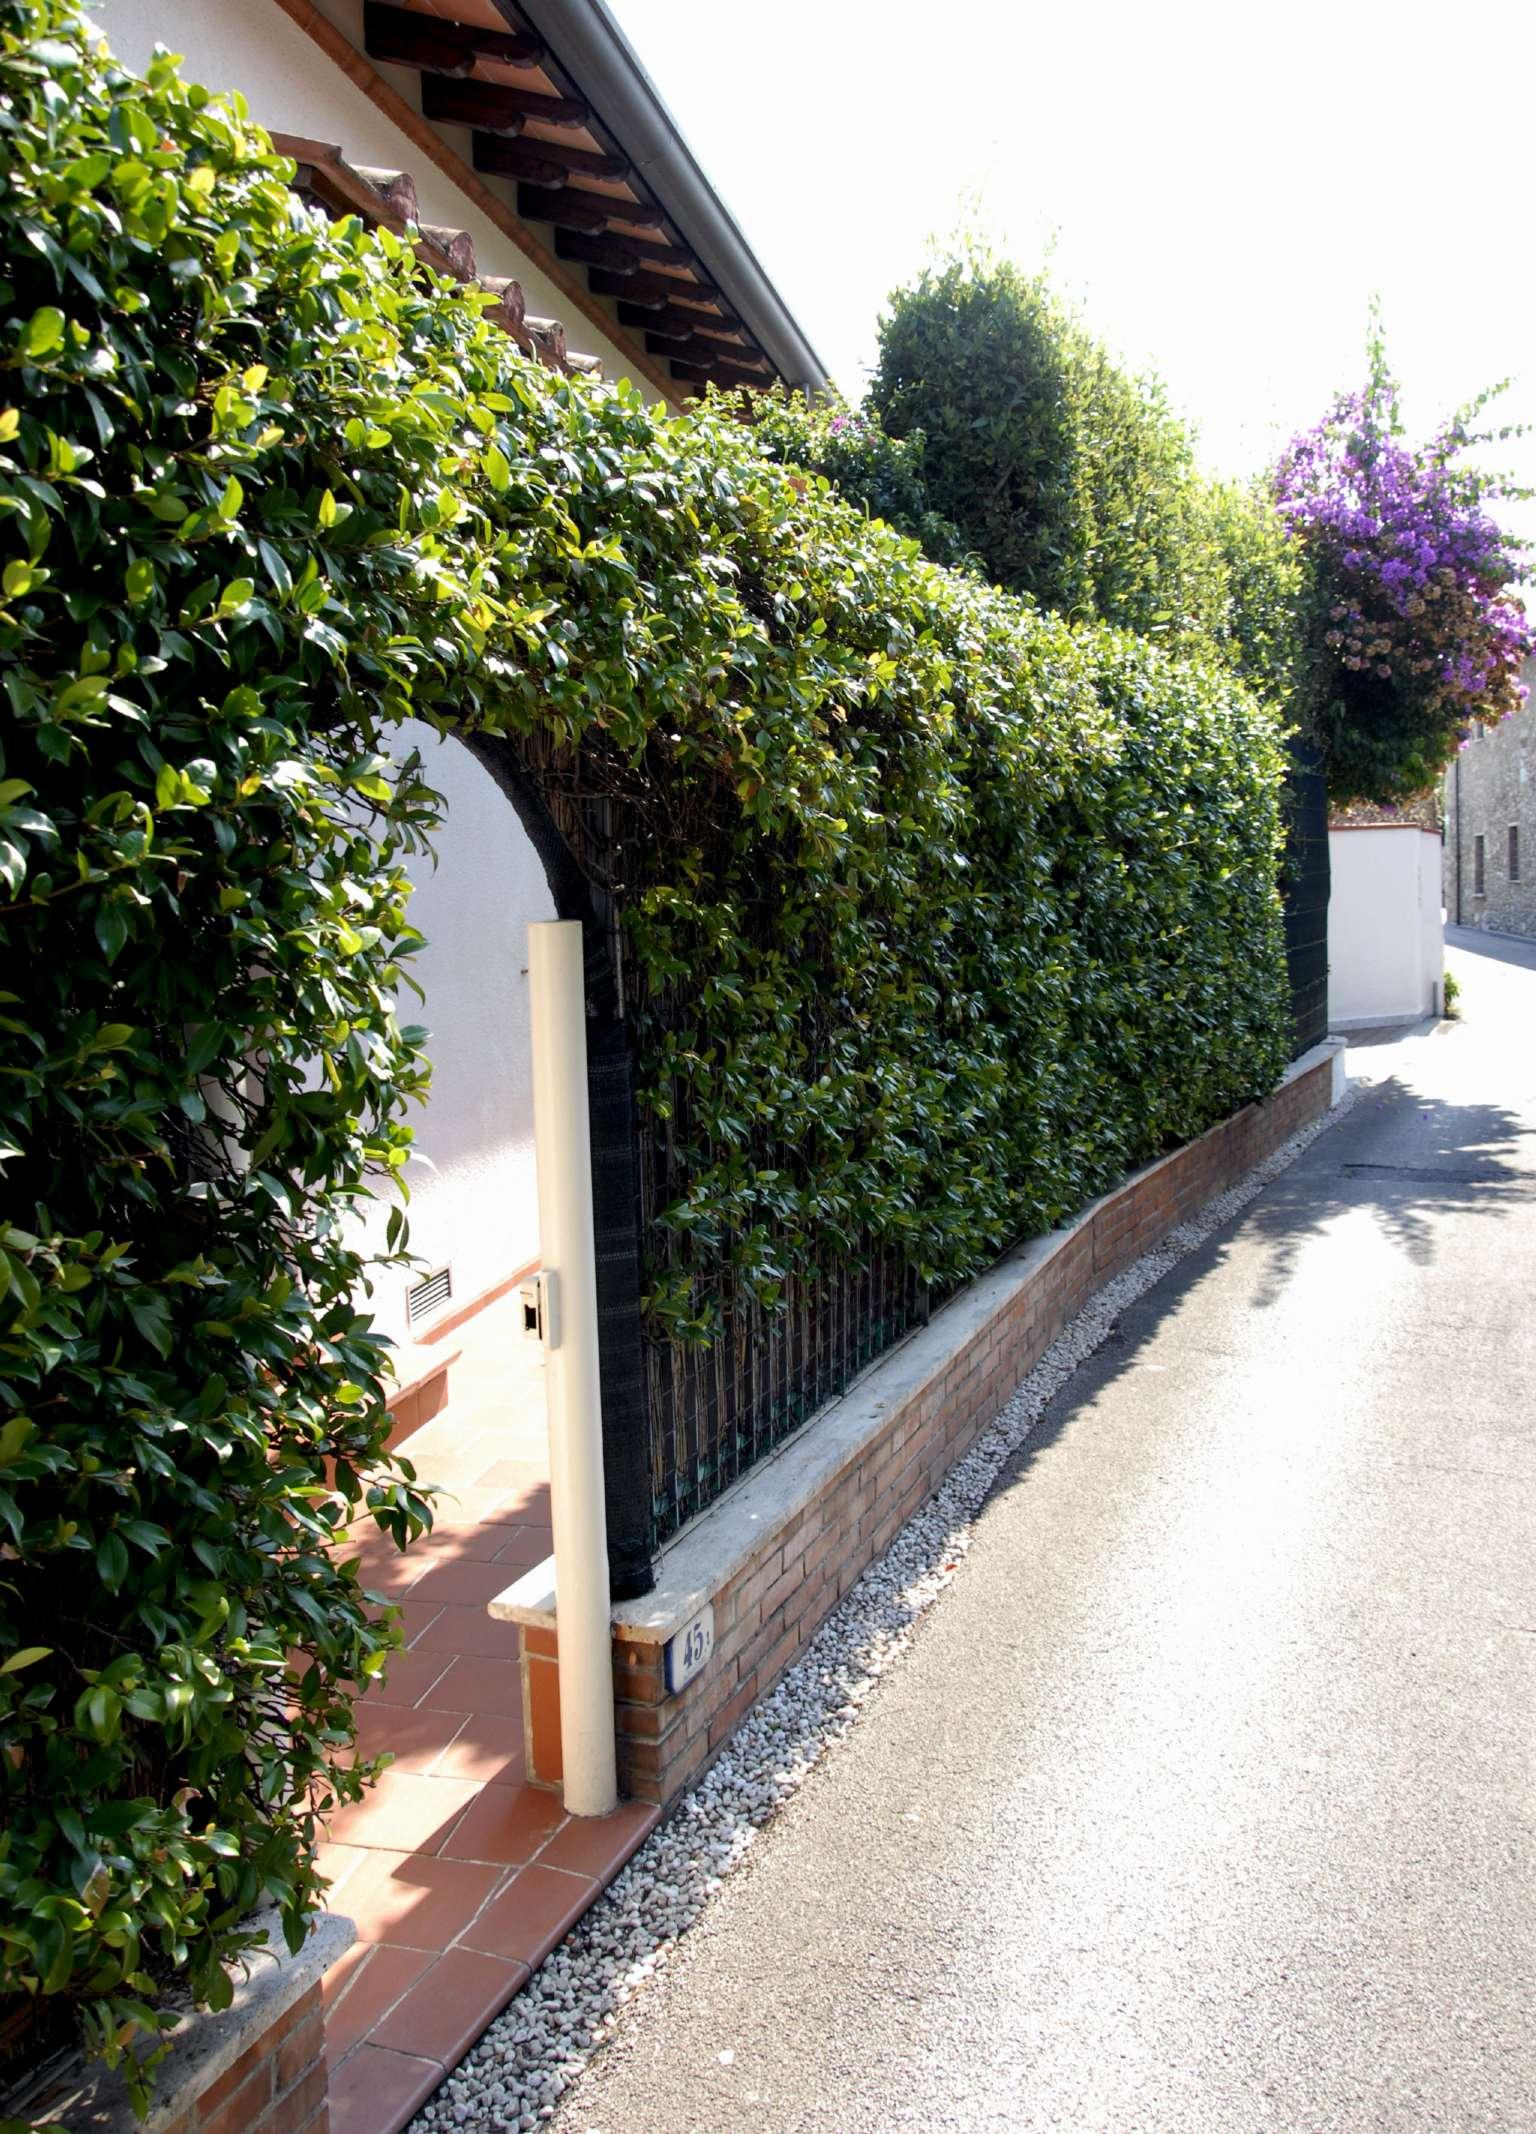 Villa in Vendita a Forte Dei Marmi via duca d'aosta